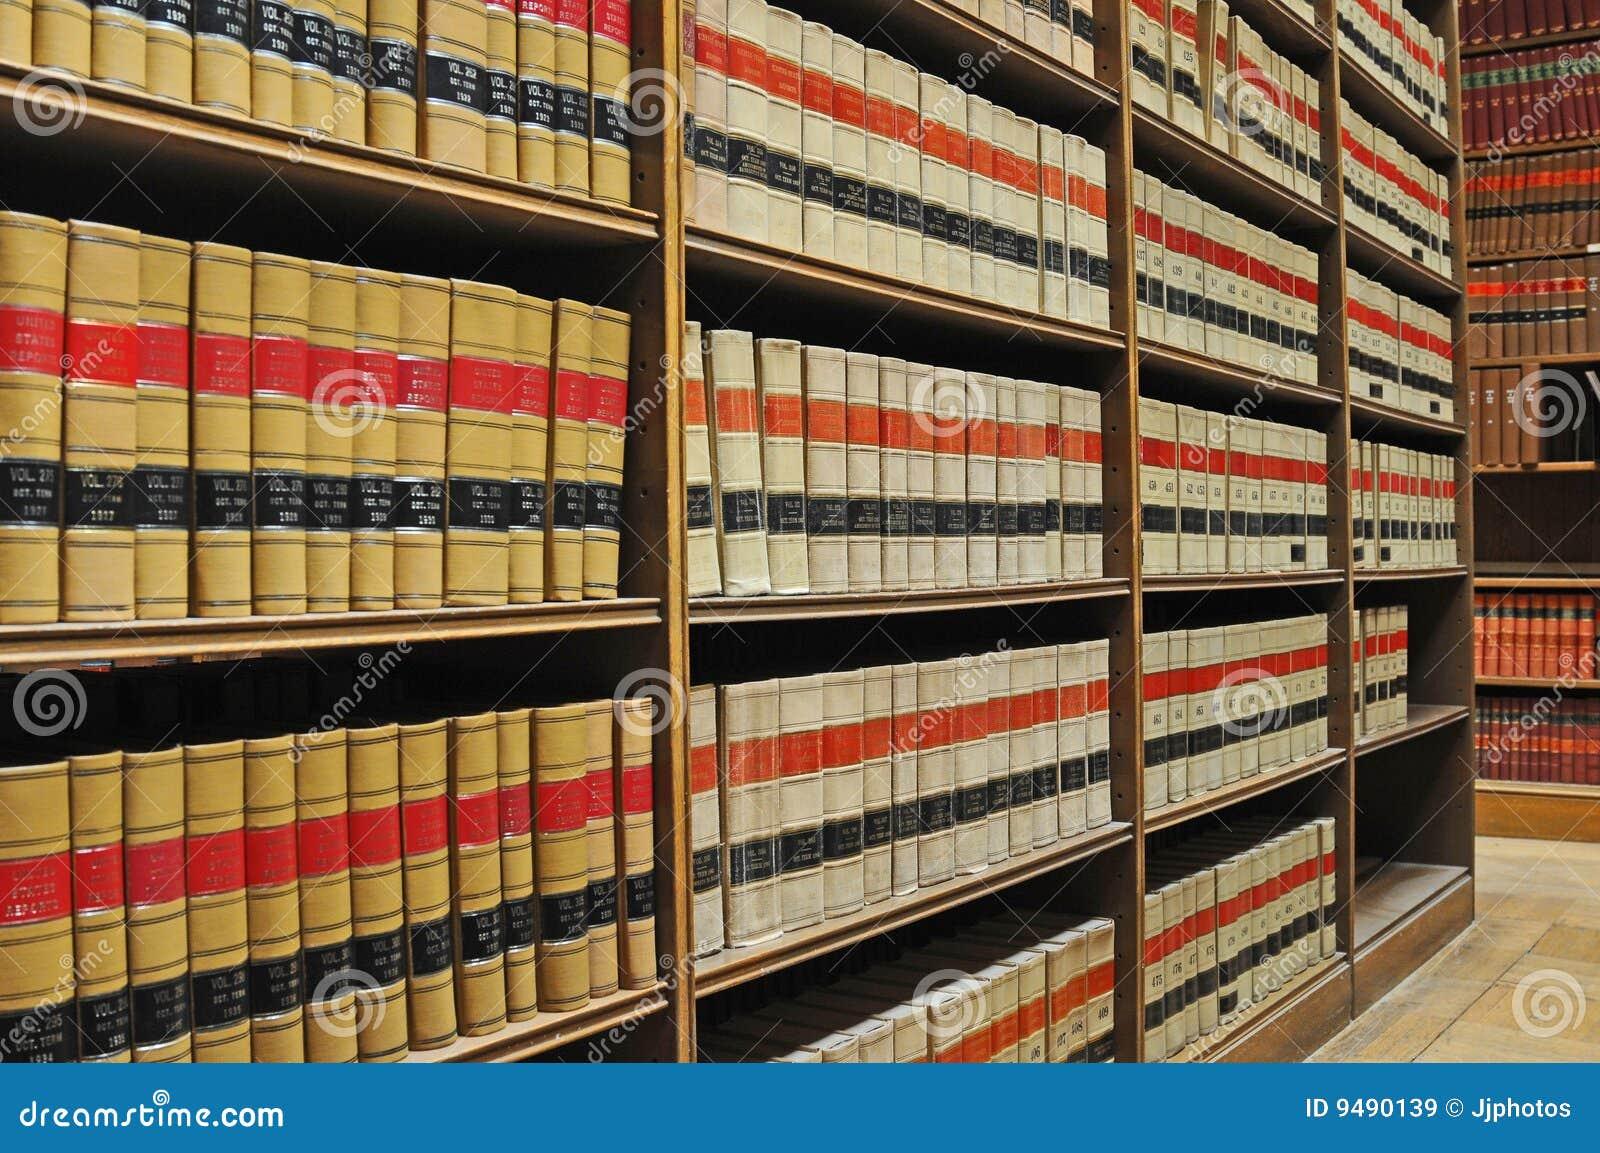 Biblioteca de ley - libros de ley viejos